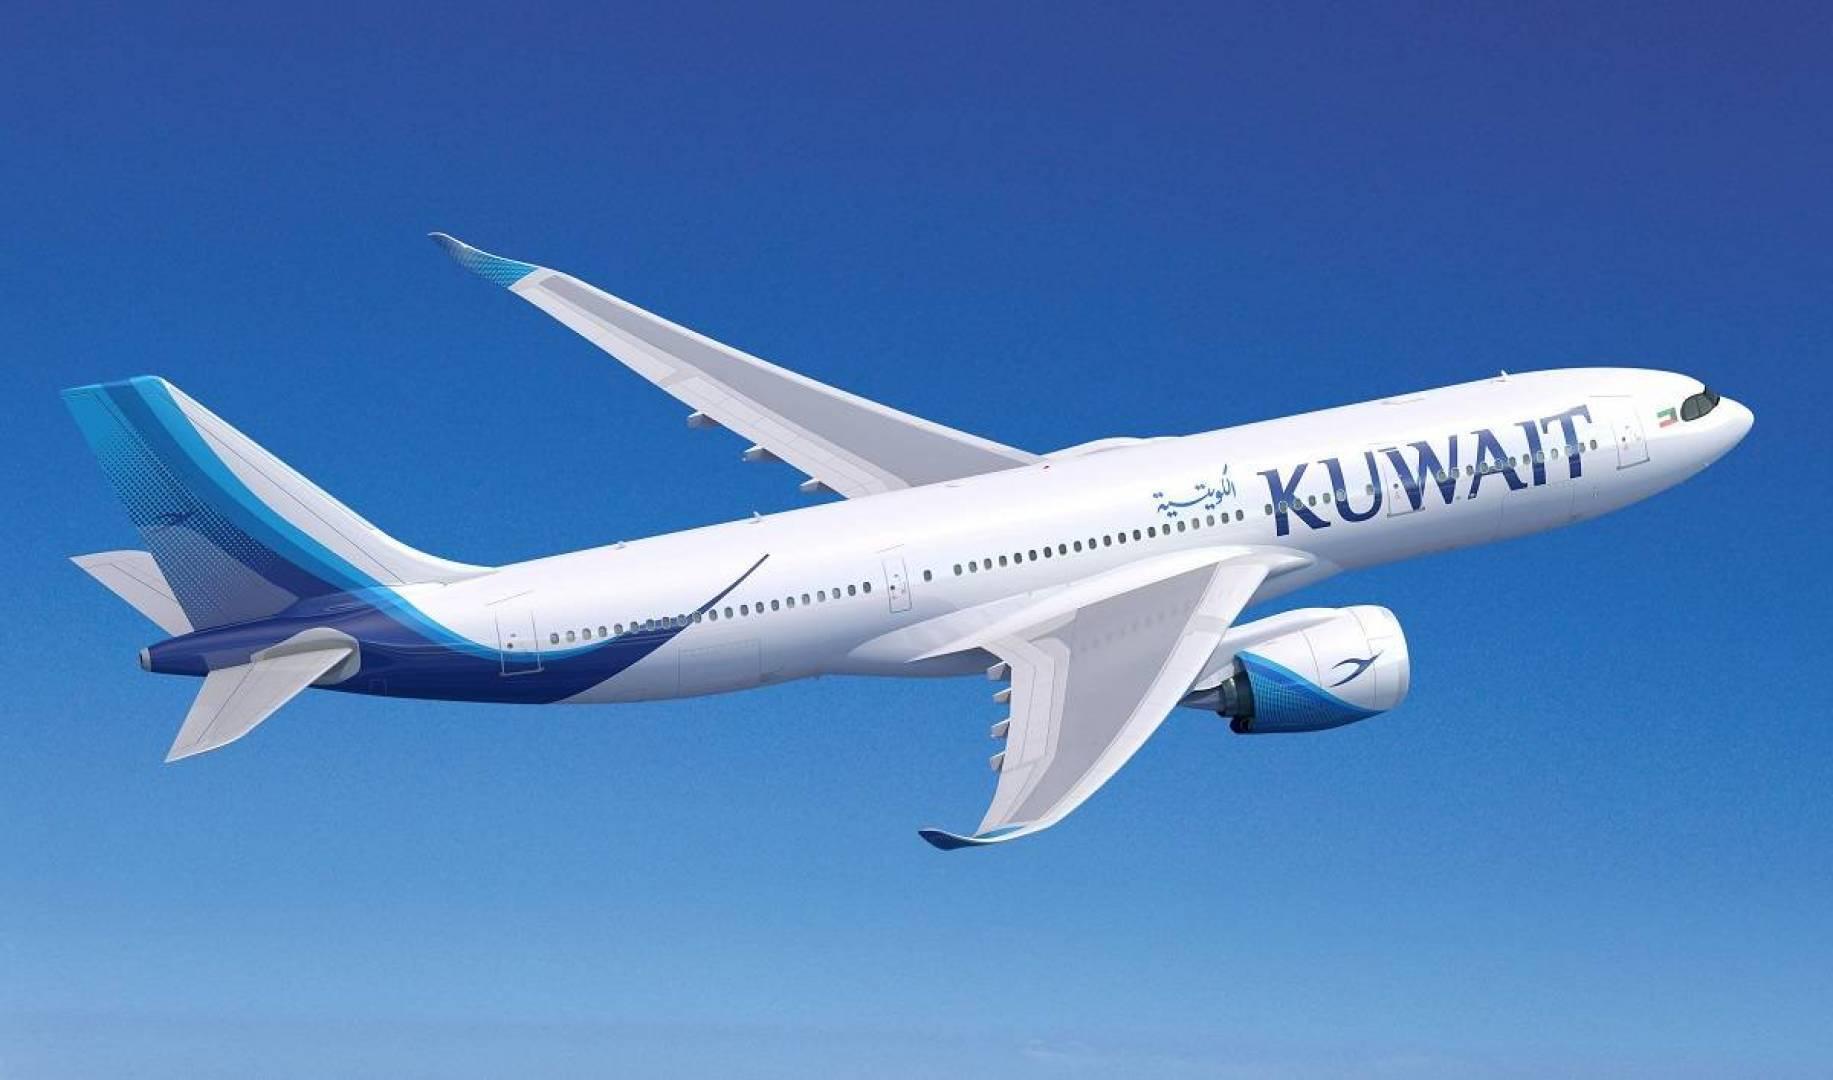 الخطوط الجوية الكويتية تفتح باب الحجز لسبع وجهات إقليمية وعالمية جديدة مطلع أغسطس